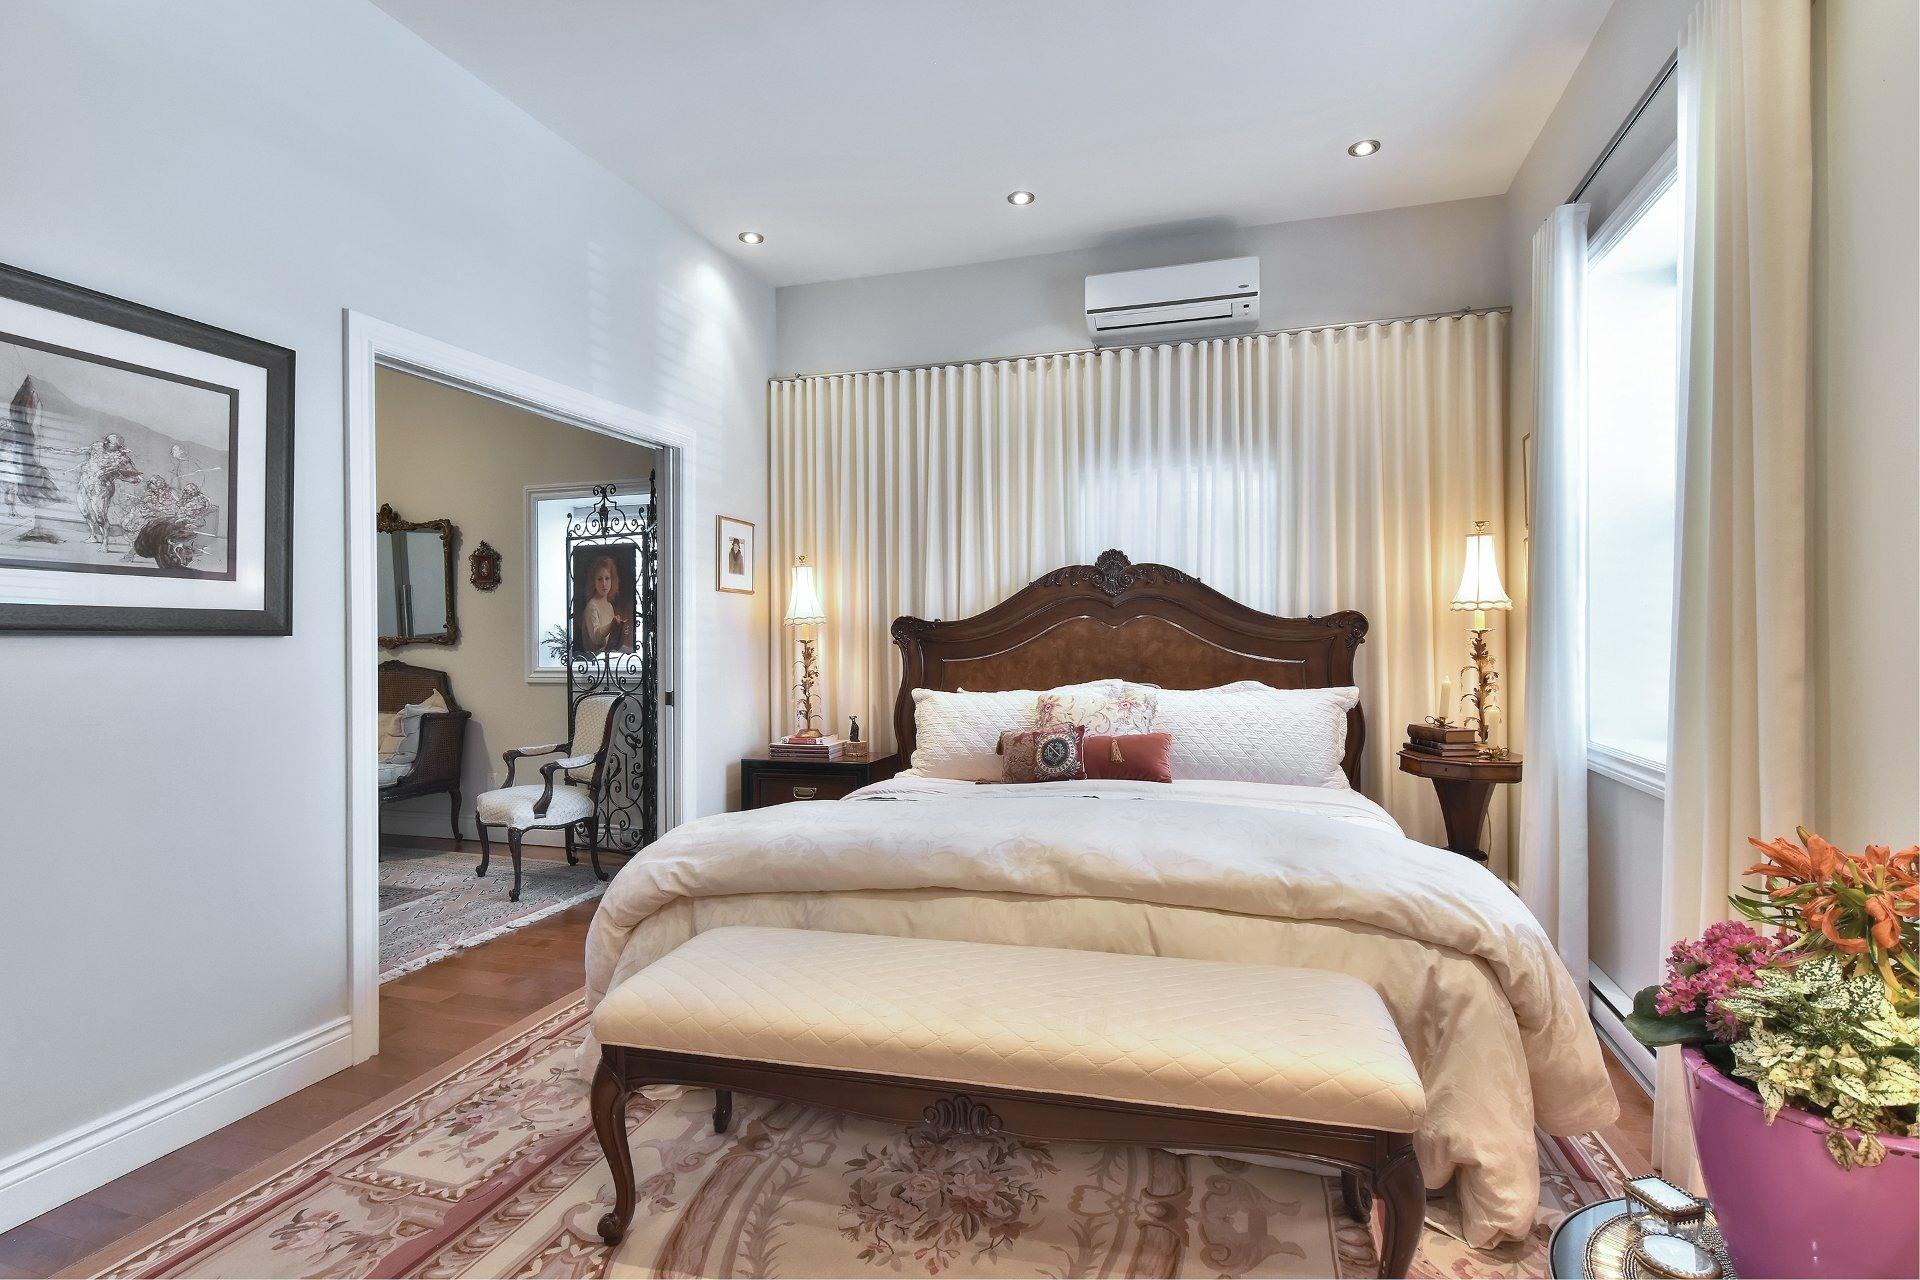 image 4 - Apartment For sale Montréal Côte-des-Neiges/Notre-Dame-de-Grâce  - 5 rooms